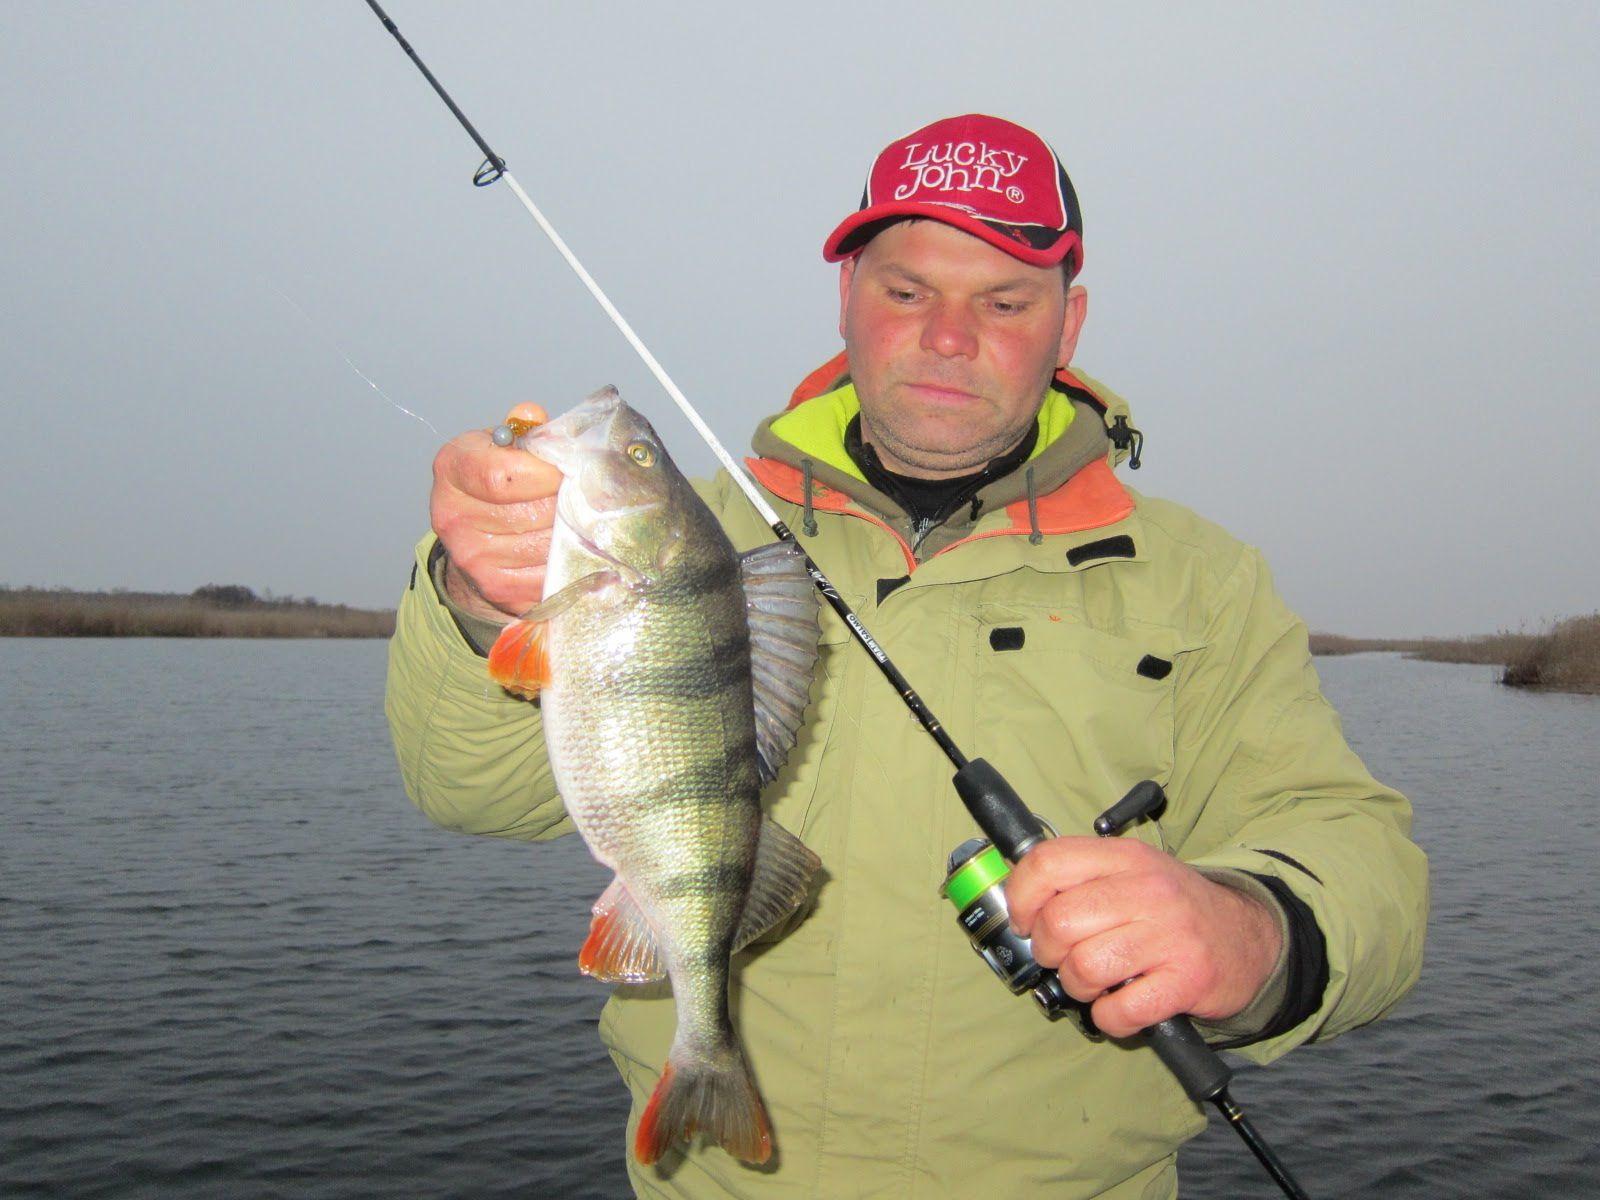 Мужик с удочкой и крупной рыбкой